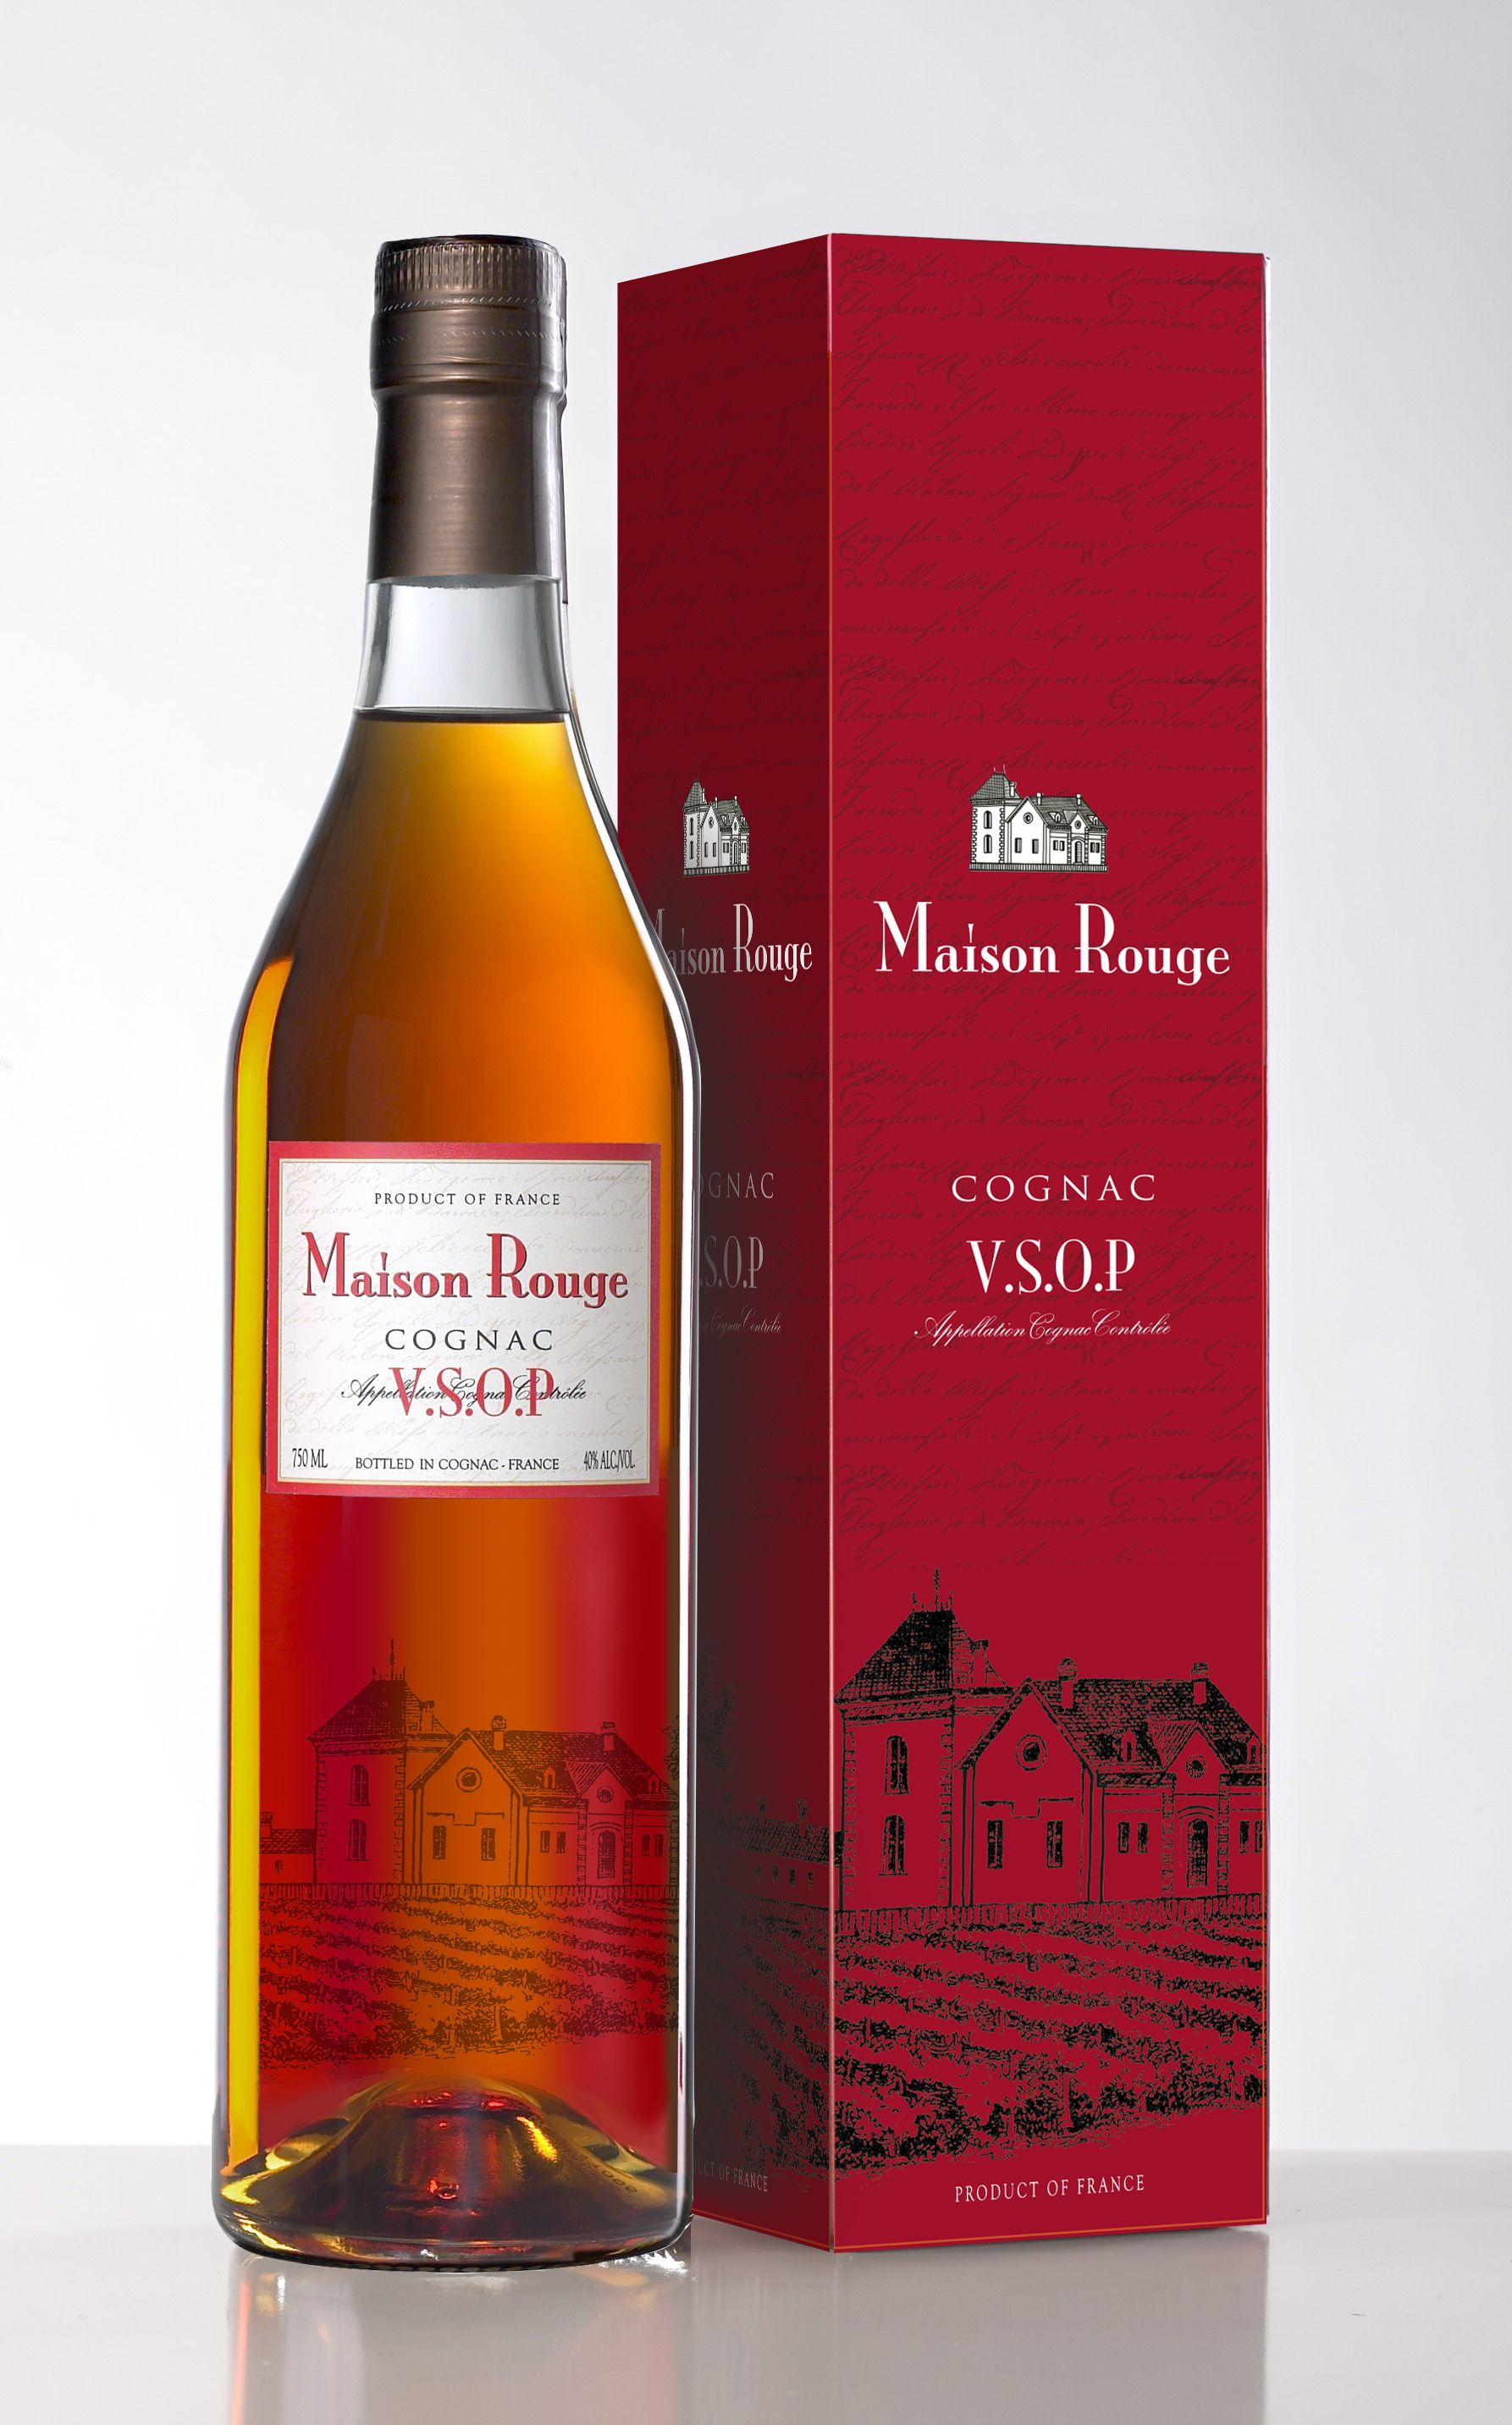 Maison Rouge V S O P In A Box Maison Rouge Vsop Is A Deep Mahogany Cognac This Eau De Vie Born On The Fruity Side Shows Mor Cognac France Cognac Wine Bottle